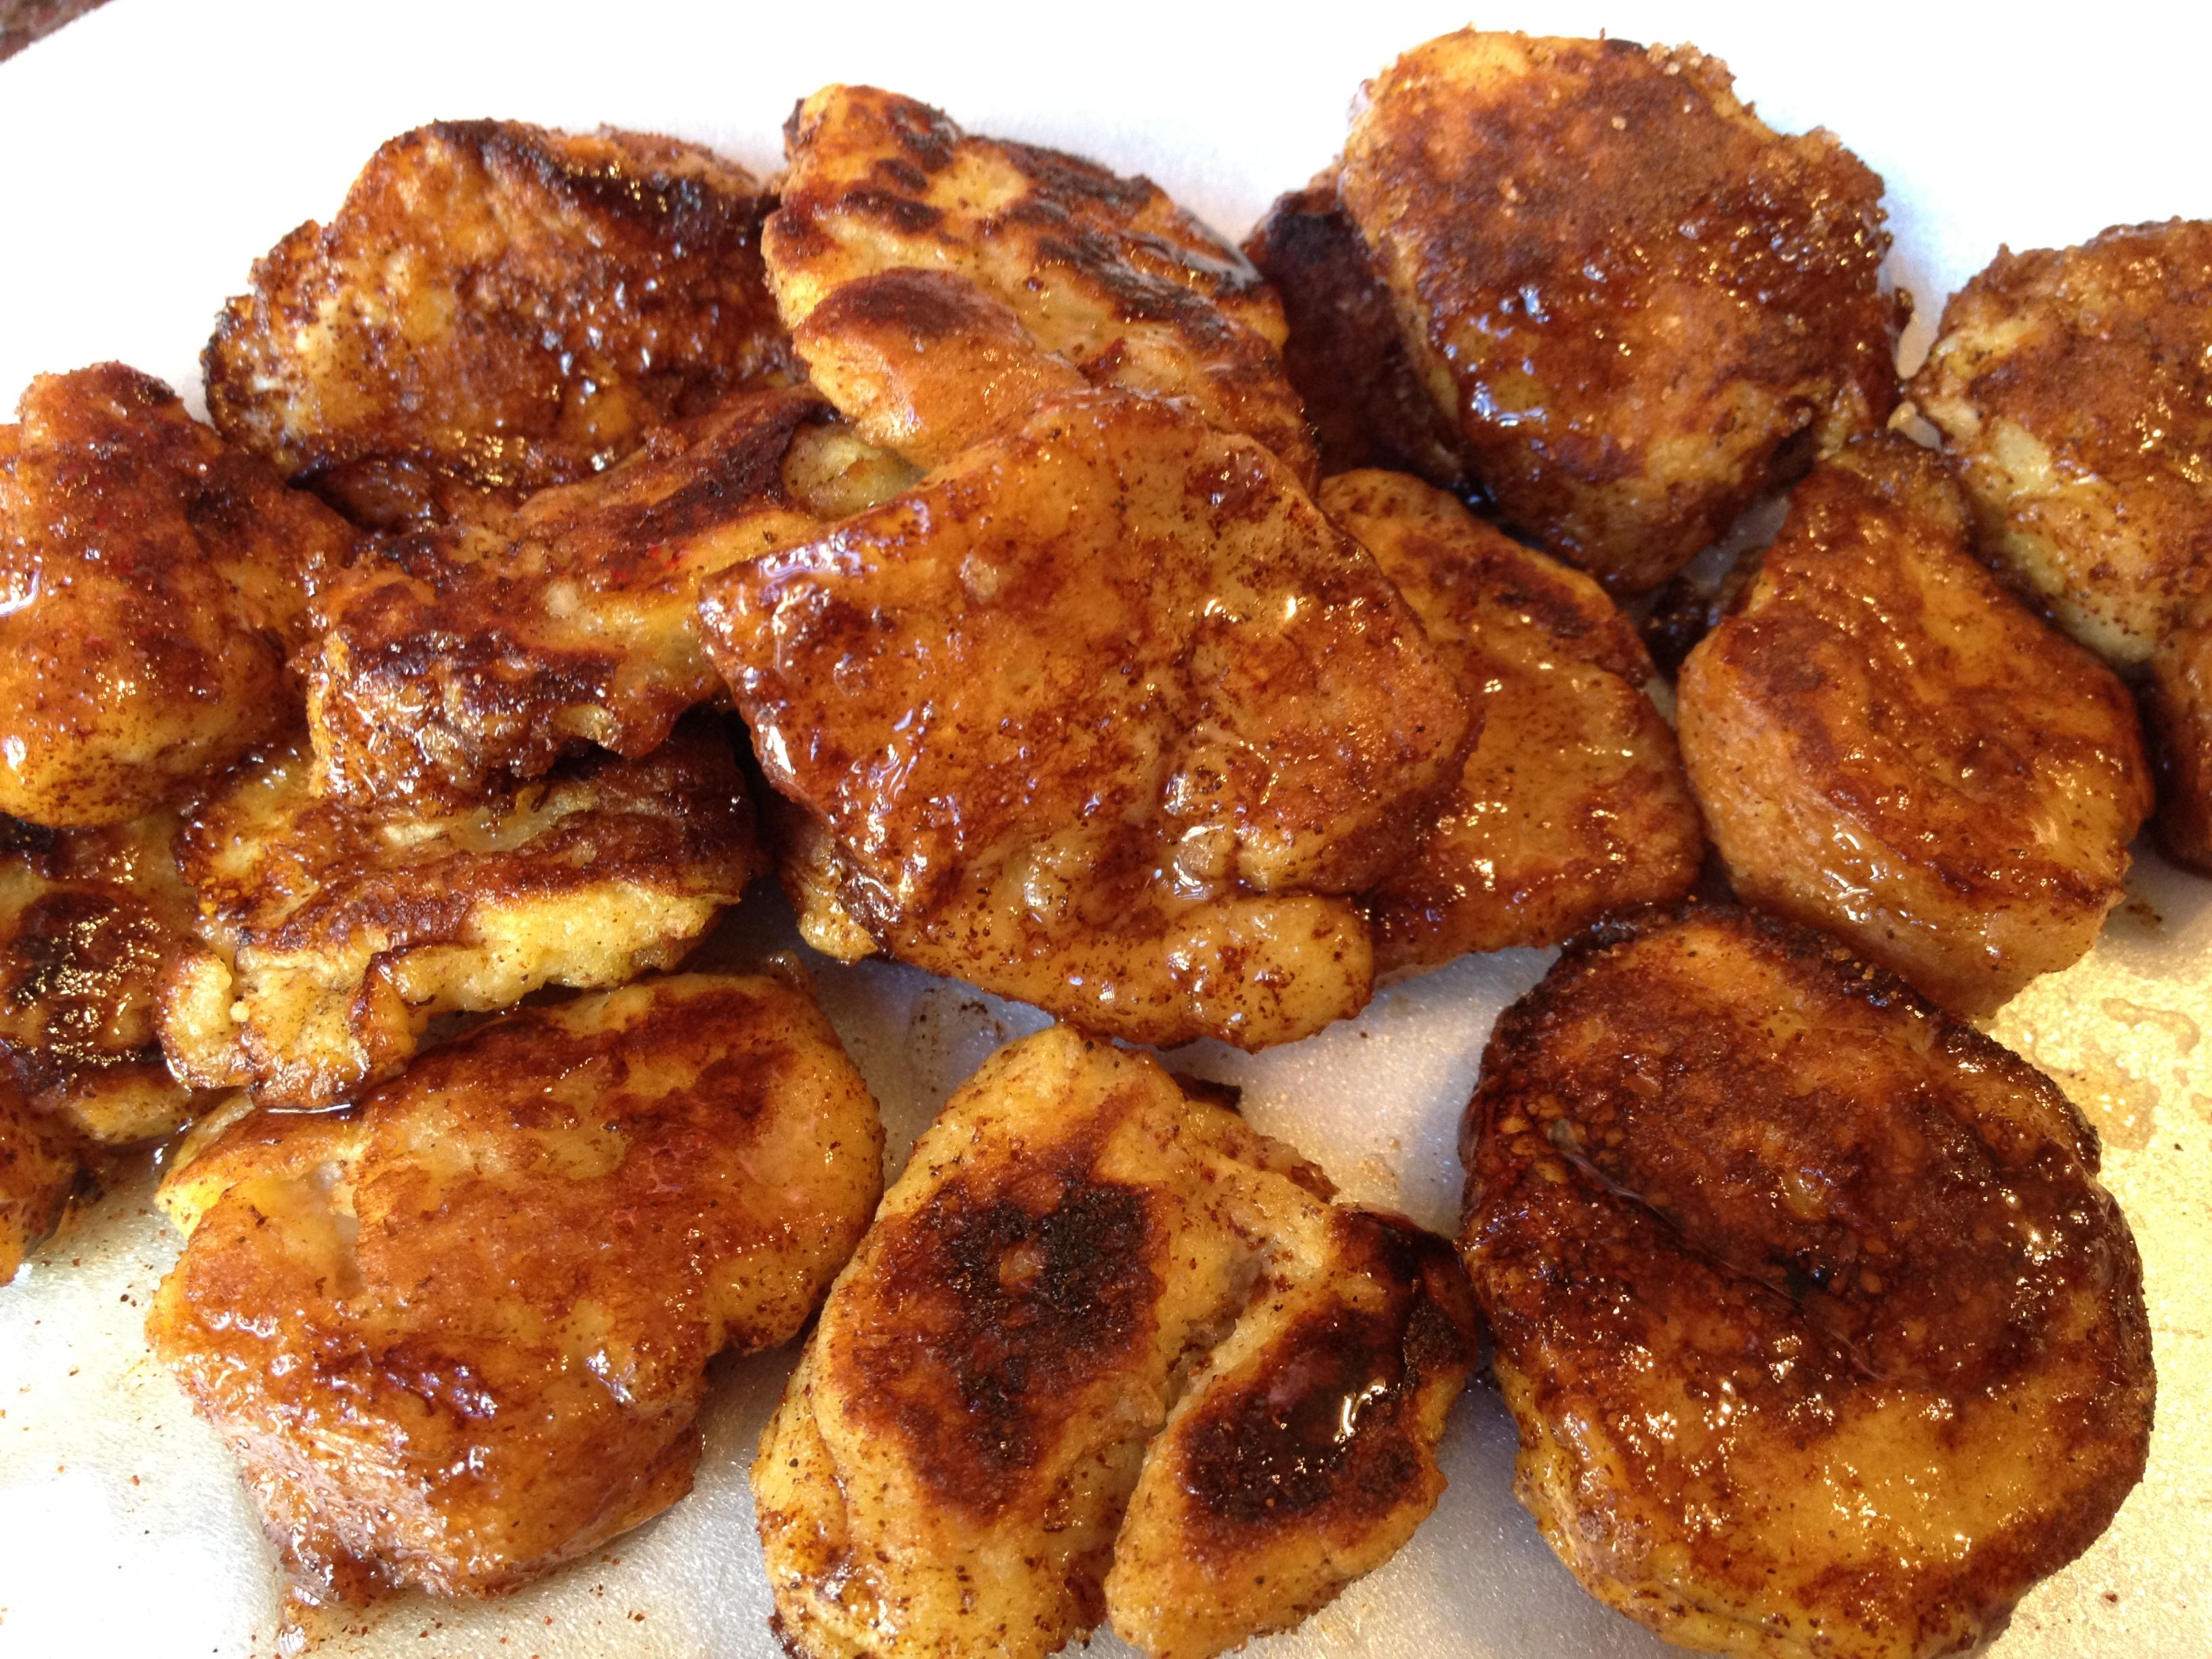 http://www.cookitgirl.com/uncategorized/the-best-waffles-ever/